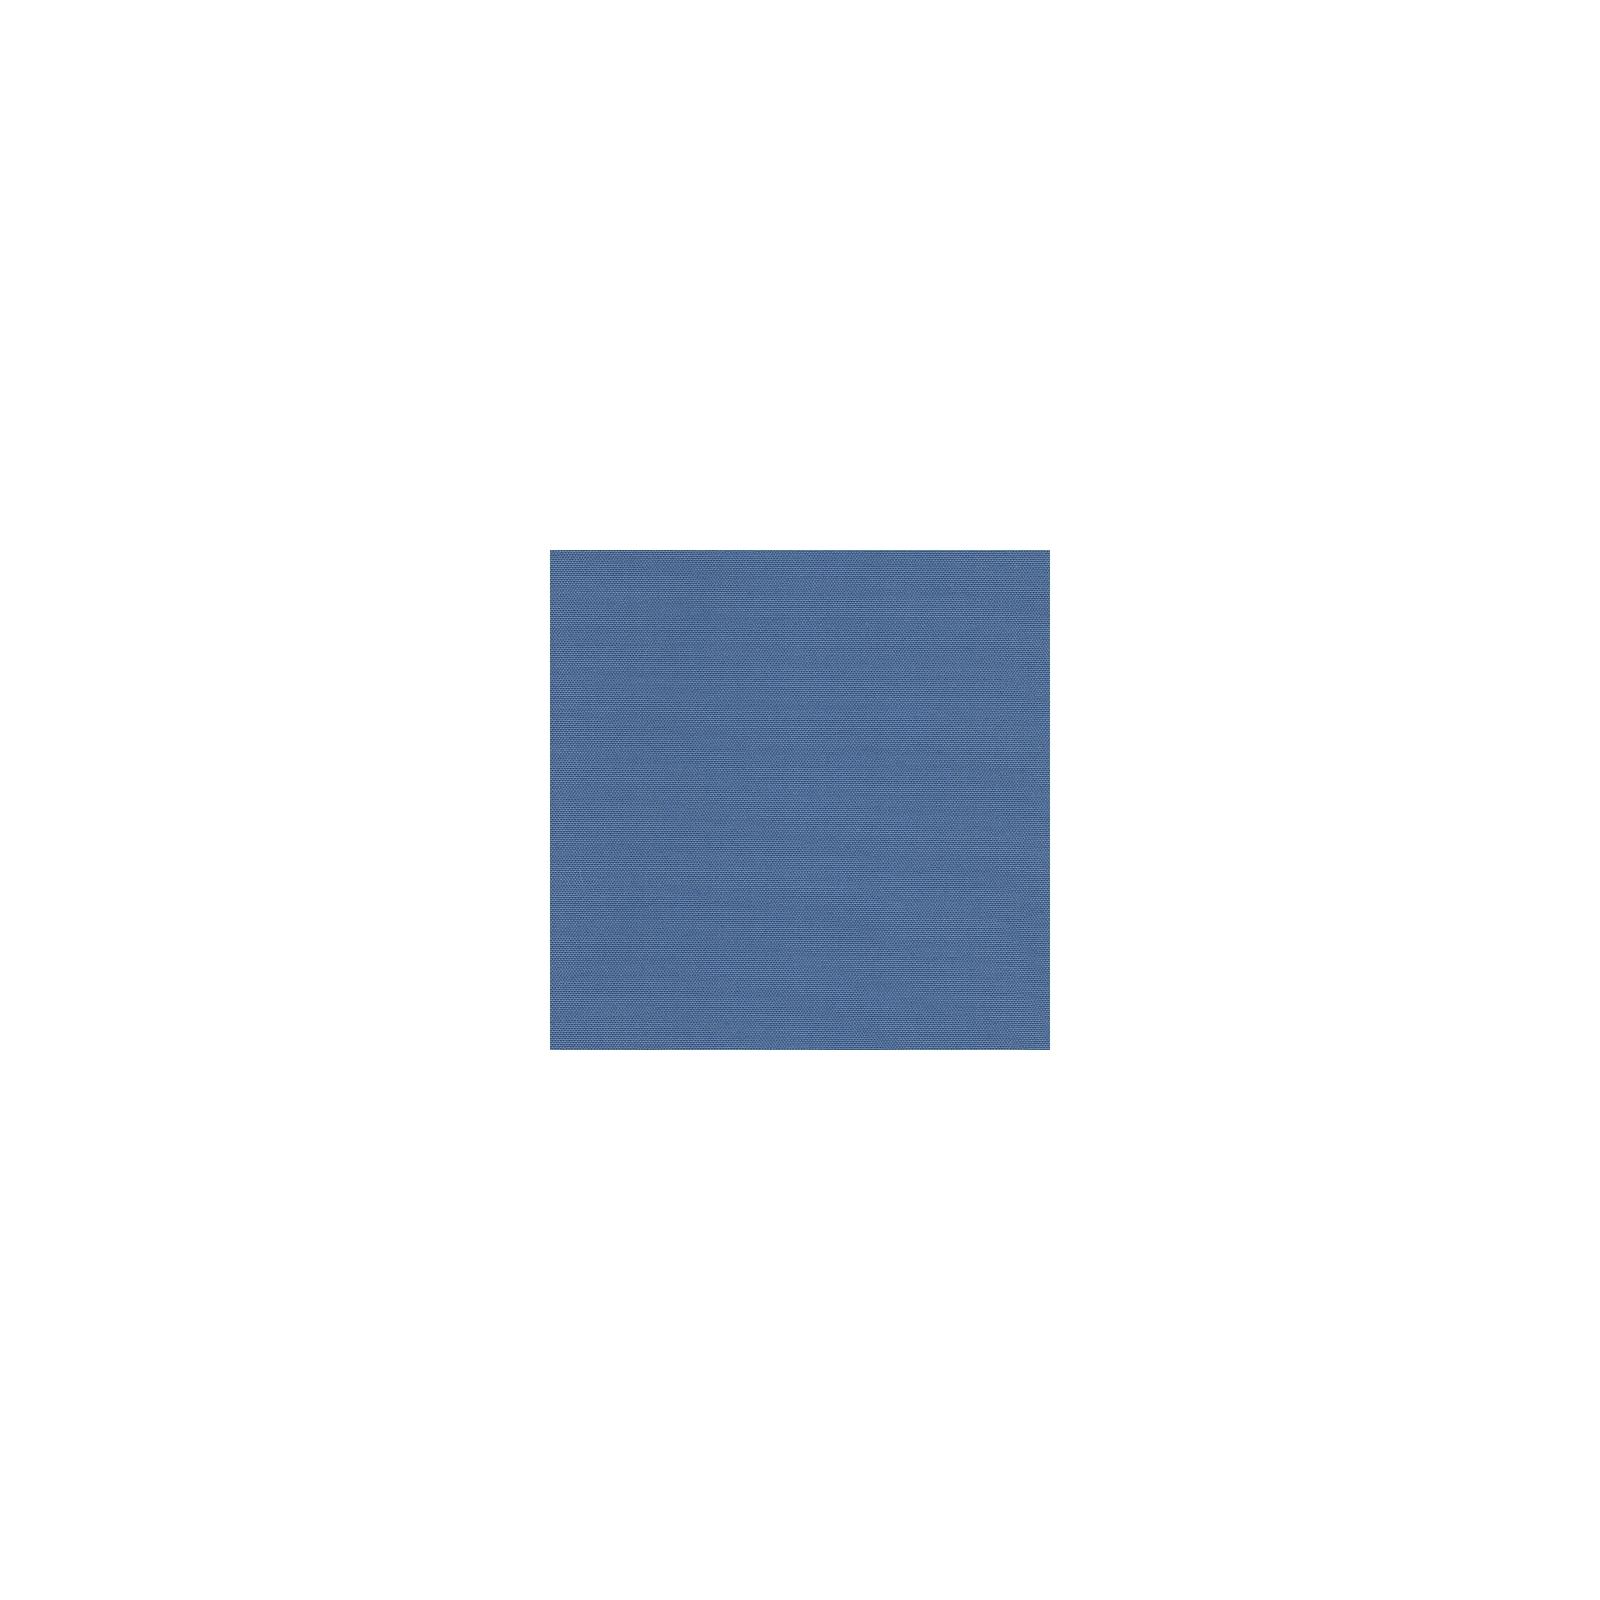 #47608422373104 Solar Uni Mysty Blue 150 Cm Breed Schuimrubber Op Maat Comfort  Meest recente Linnenkast 150 Cm Breed 3681 pic 160016003681 Ontwerp